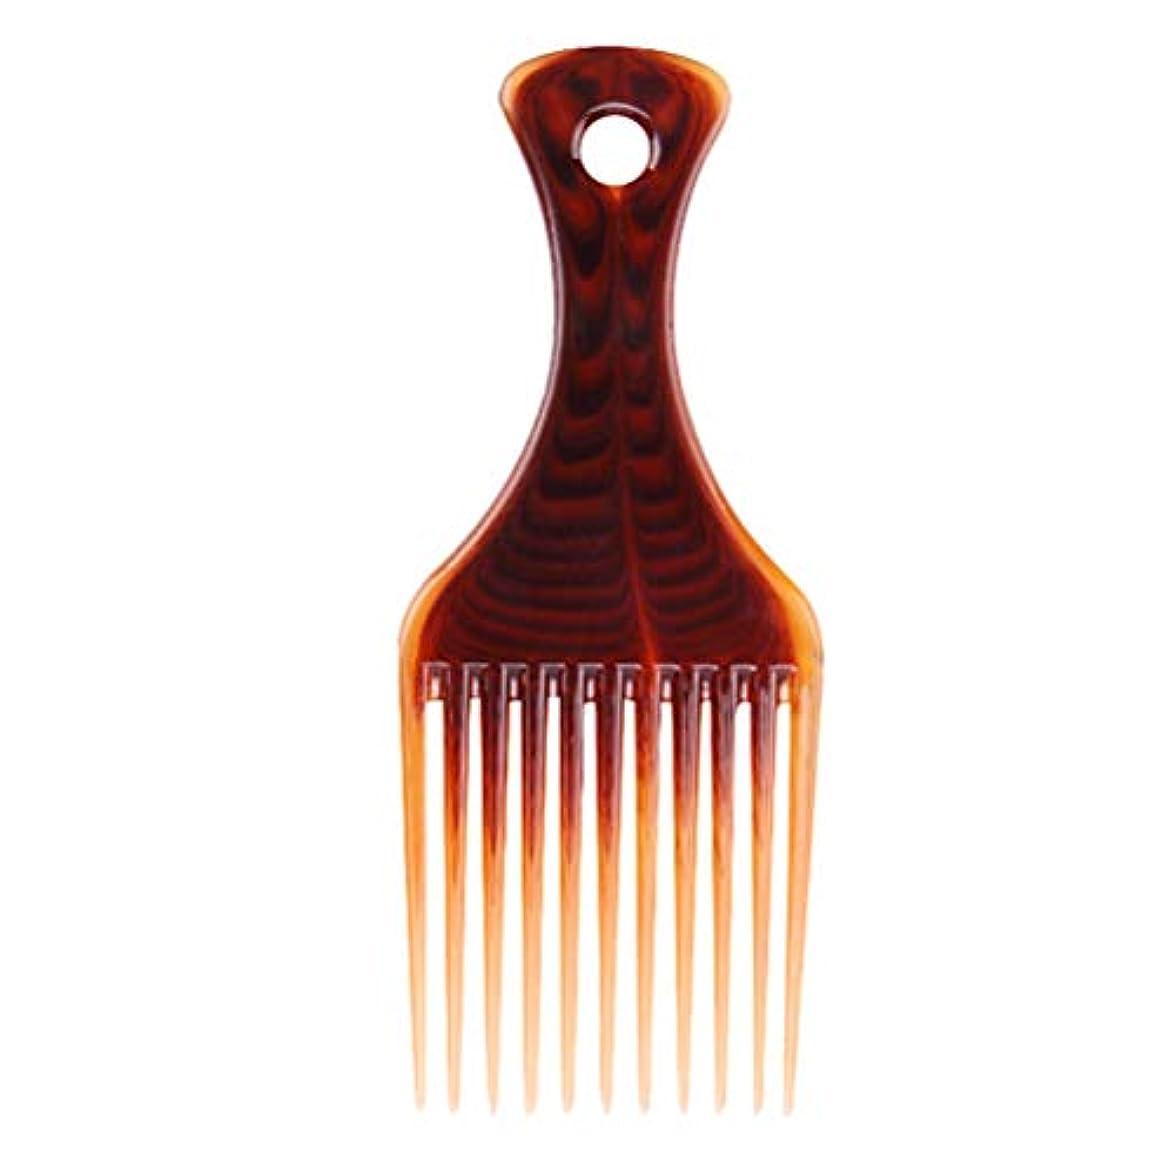 腫瘍浮くチョークHEALIFTY プラスチック広い歯の櫛サロンブラシスタイリング理髪髪フォークピッキング櫛